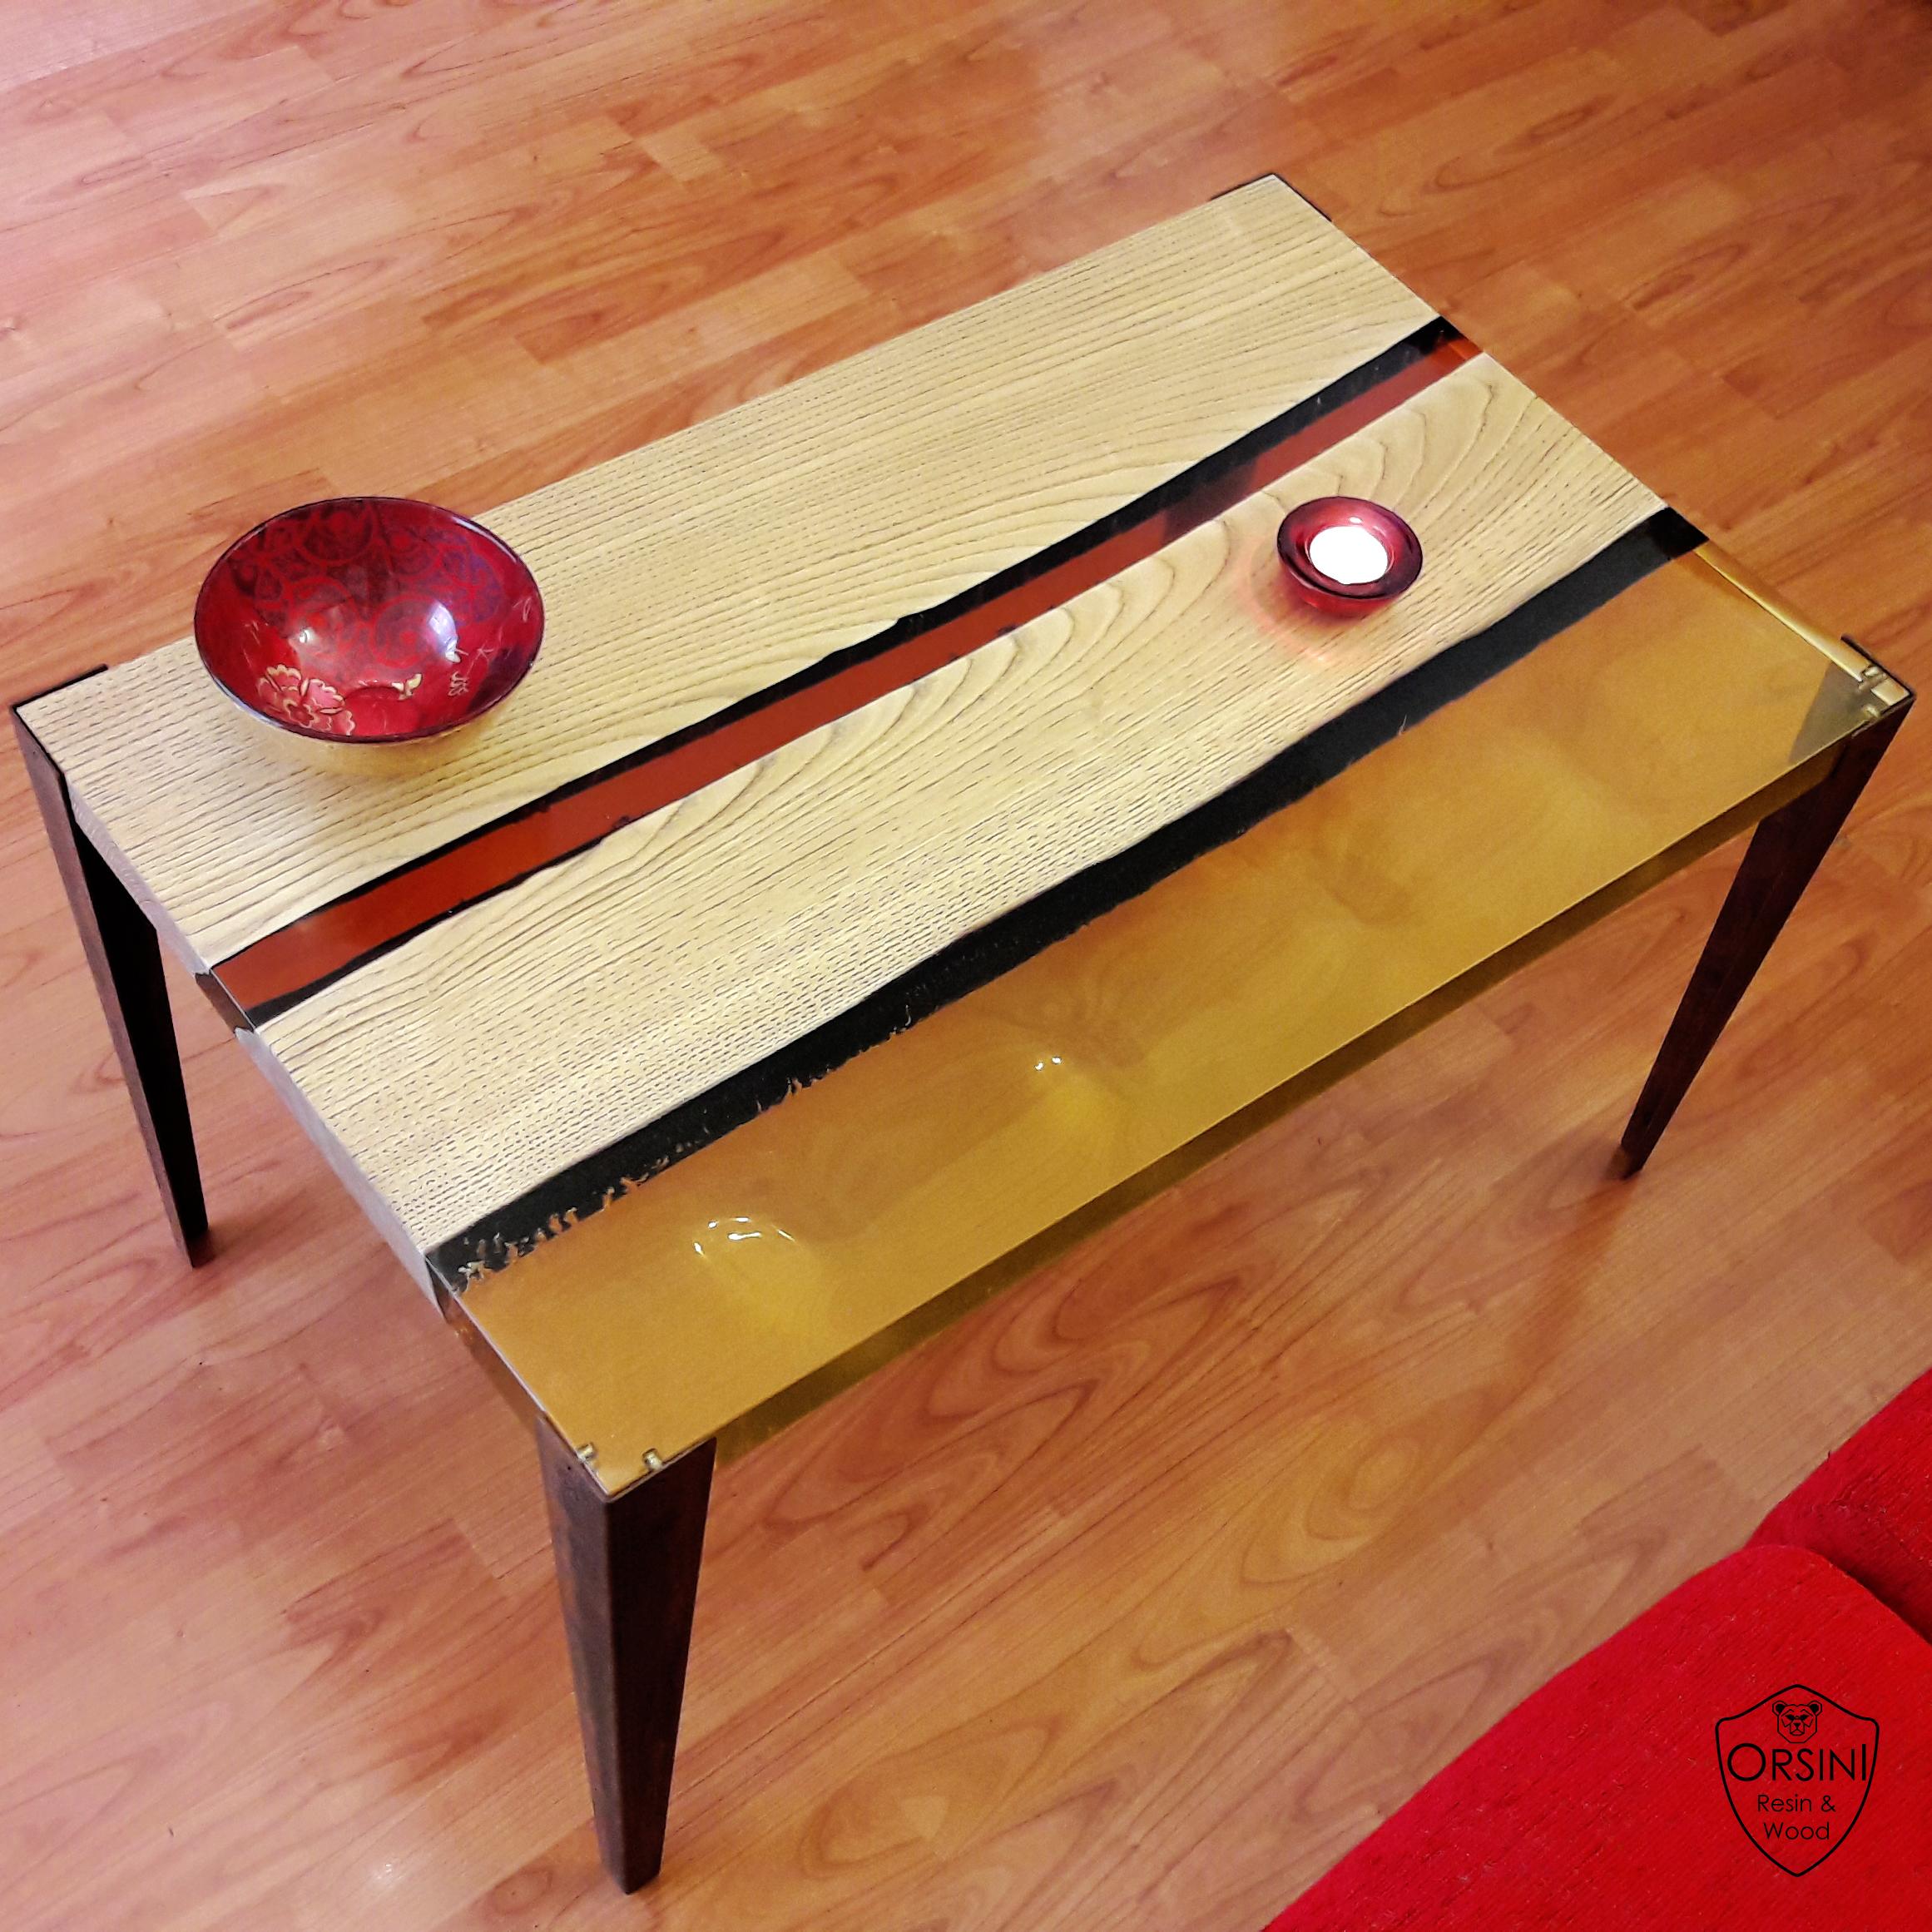 Legno Online Su Misura lavori - orsini resin & wood - tavoli e arredamento legno e